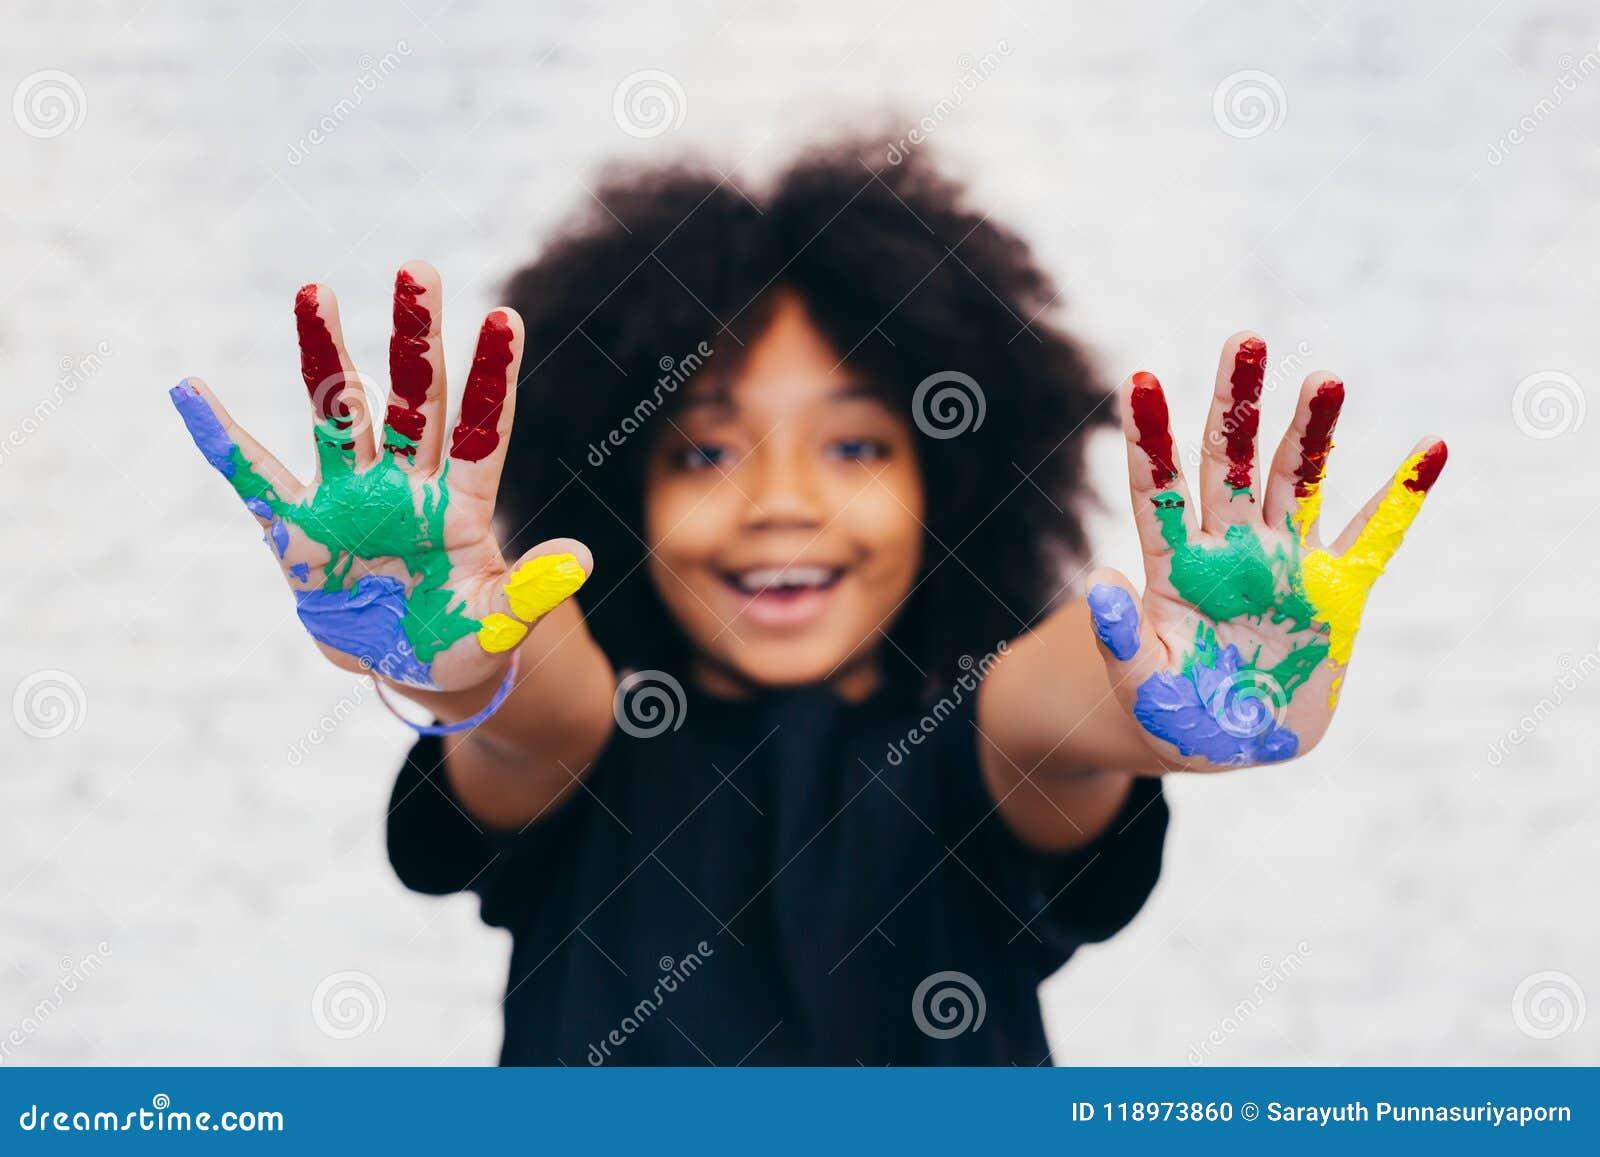 Criança brincalhão e criativa afro-americano que obtém as mãos sujas com muitas cores